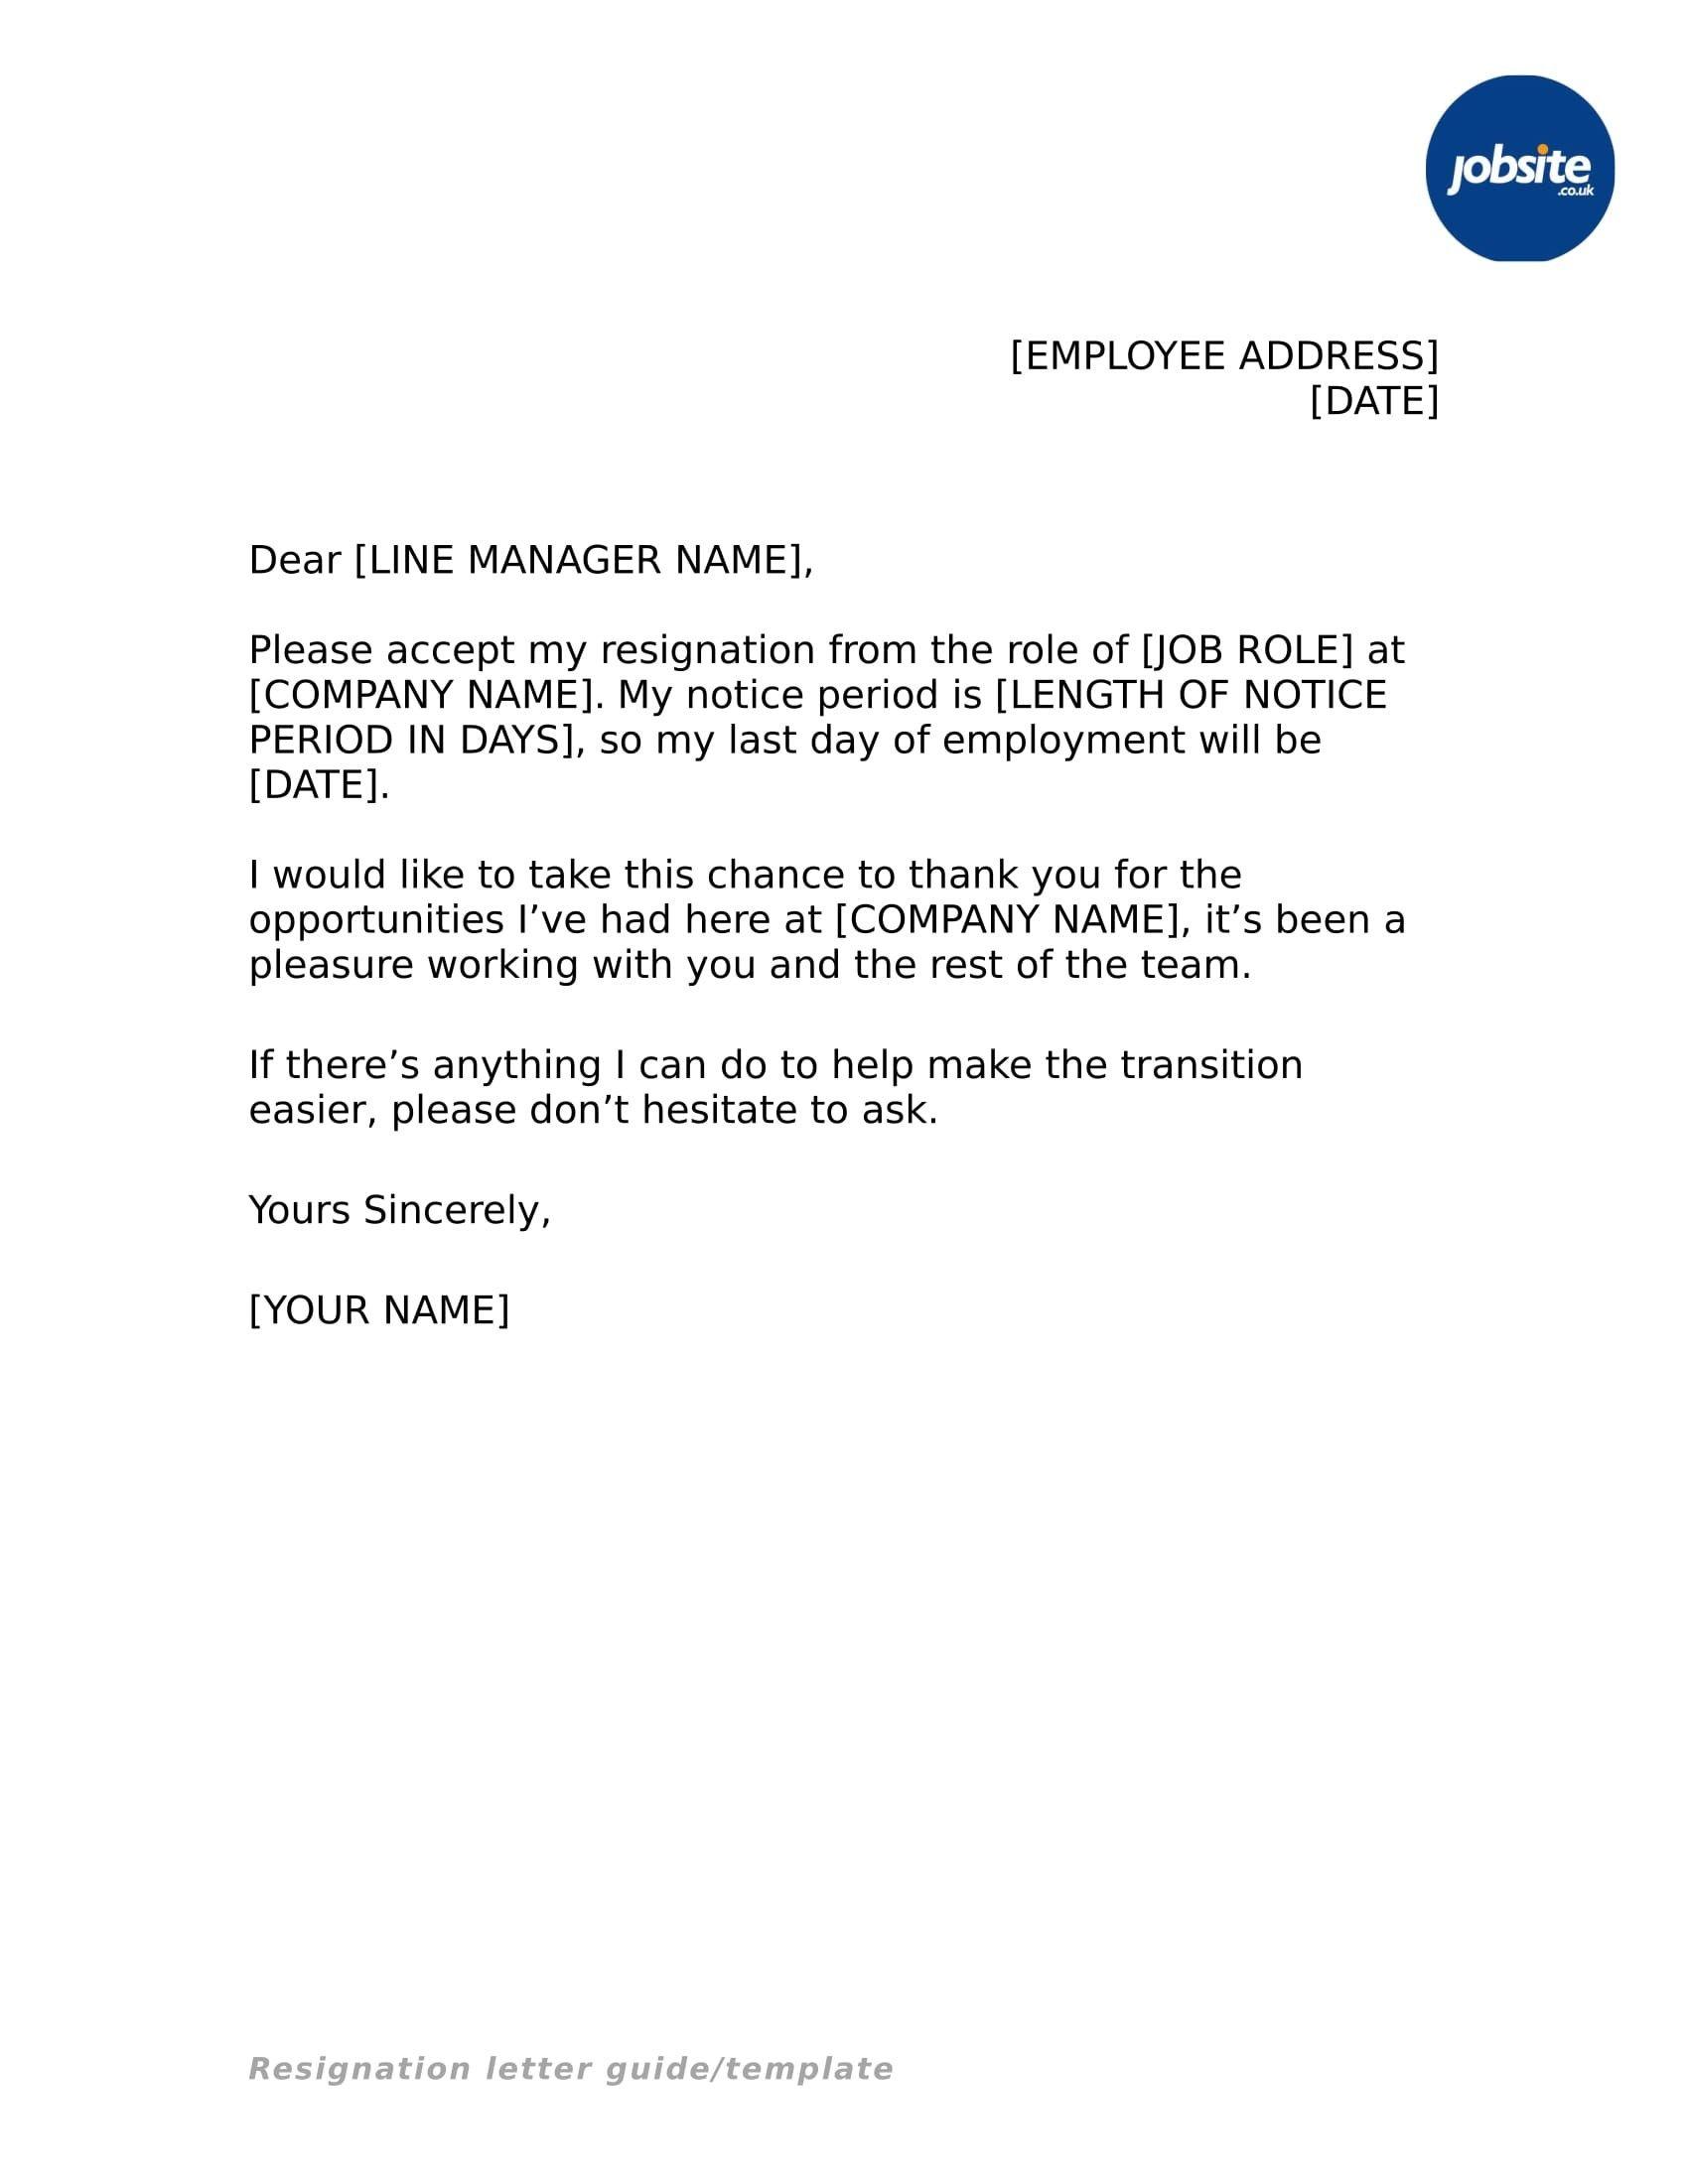 New Job Region Letter Resignation letter sample